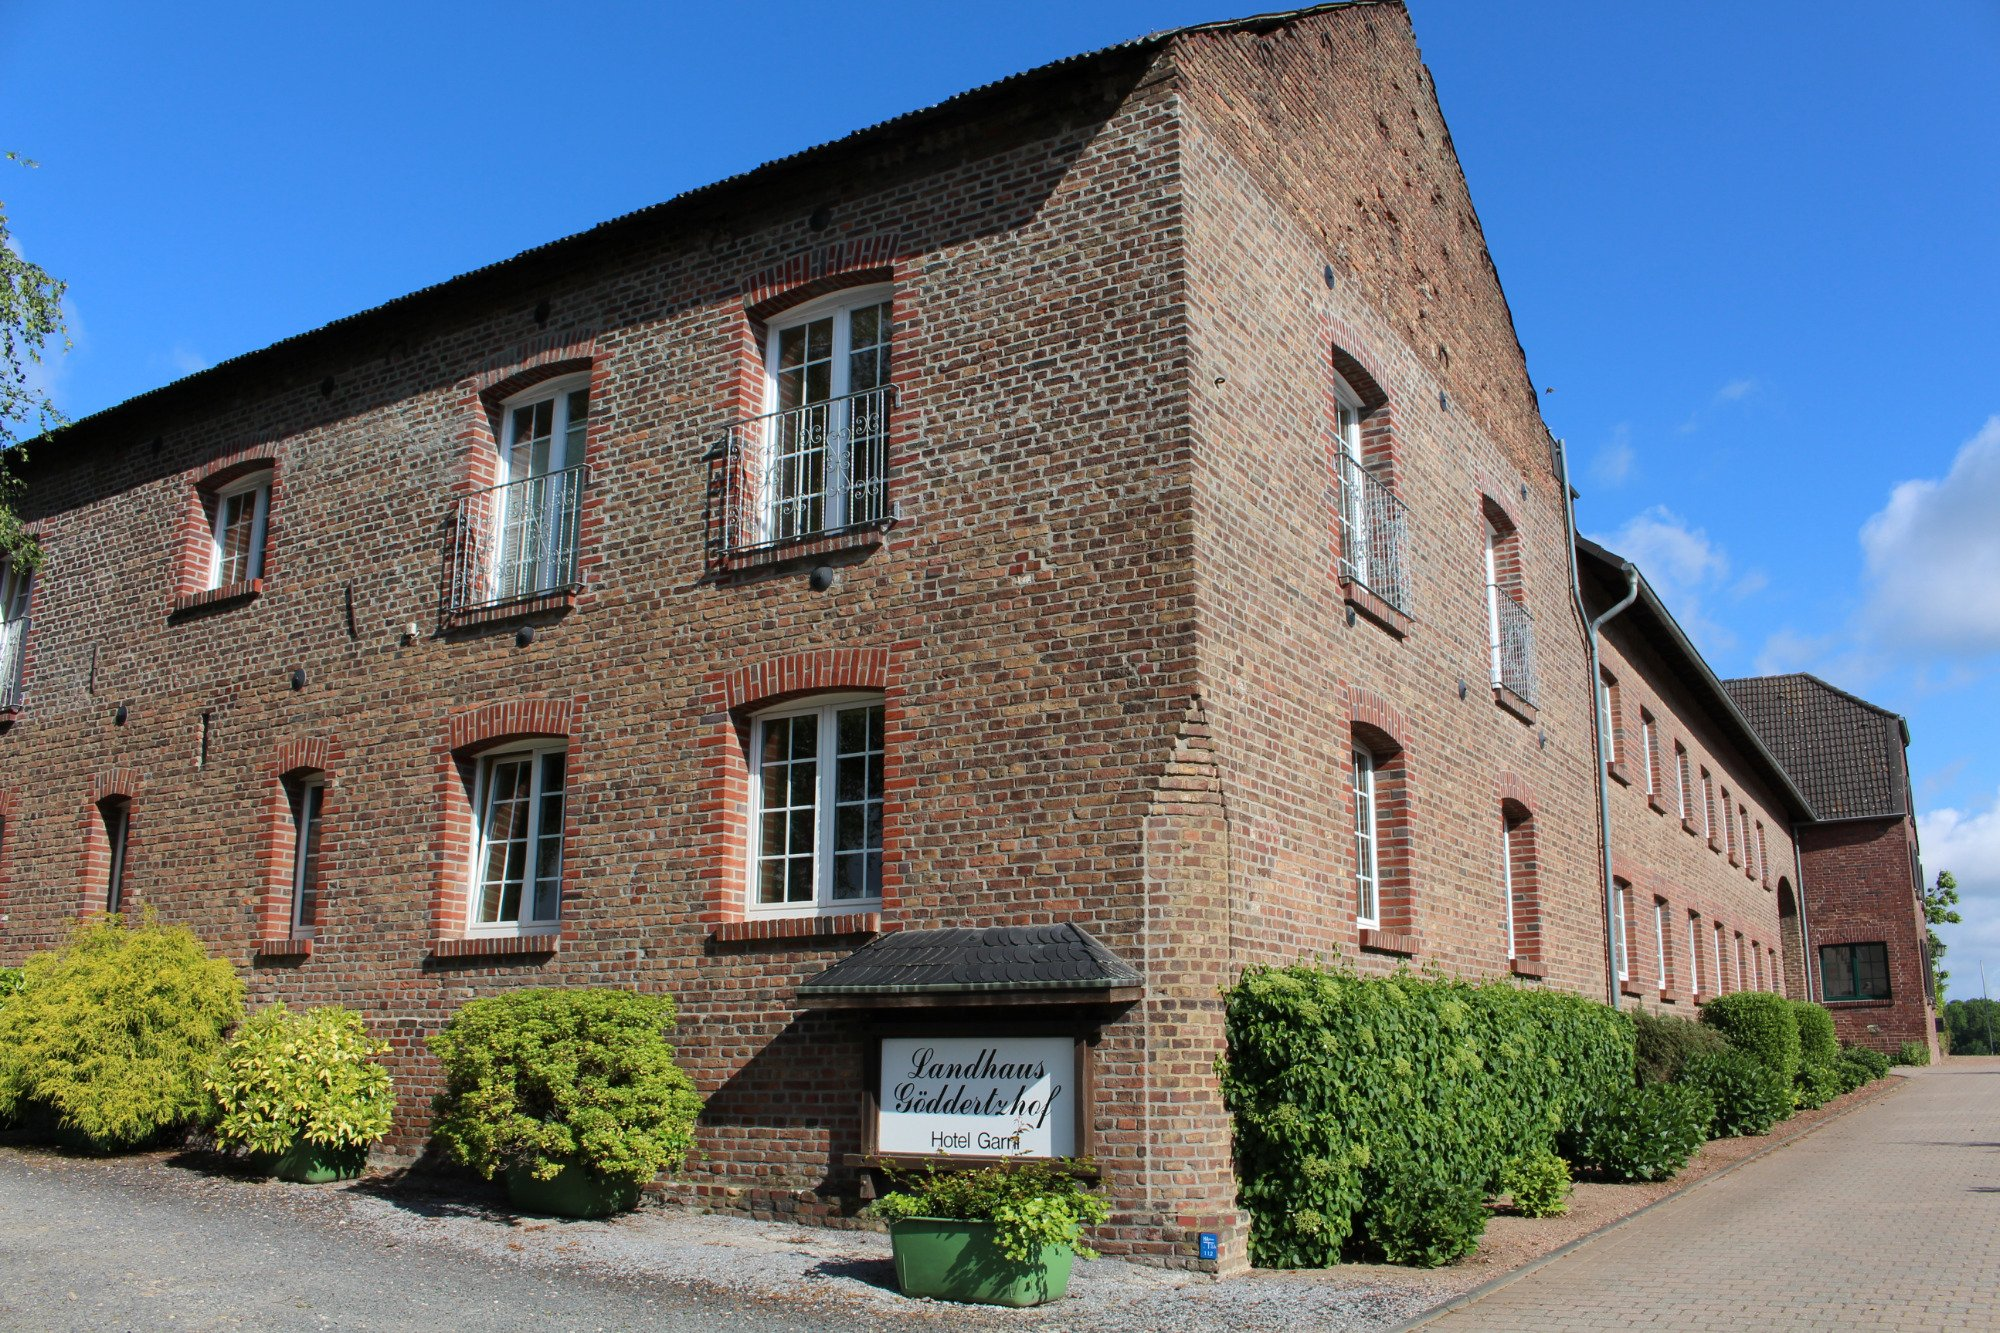 Landhaus Goeddertzhof